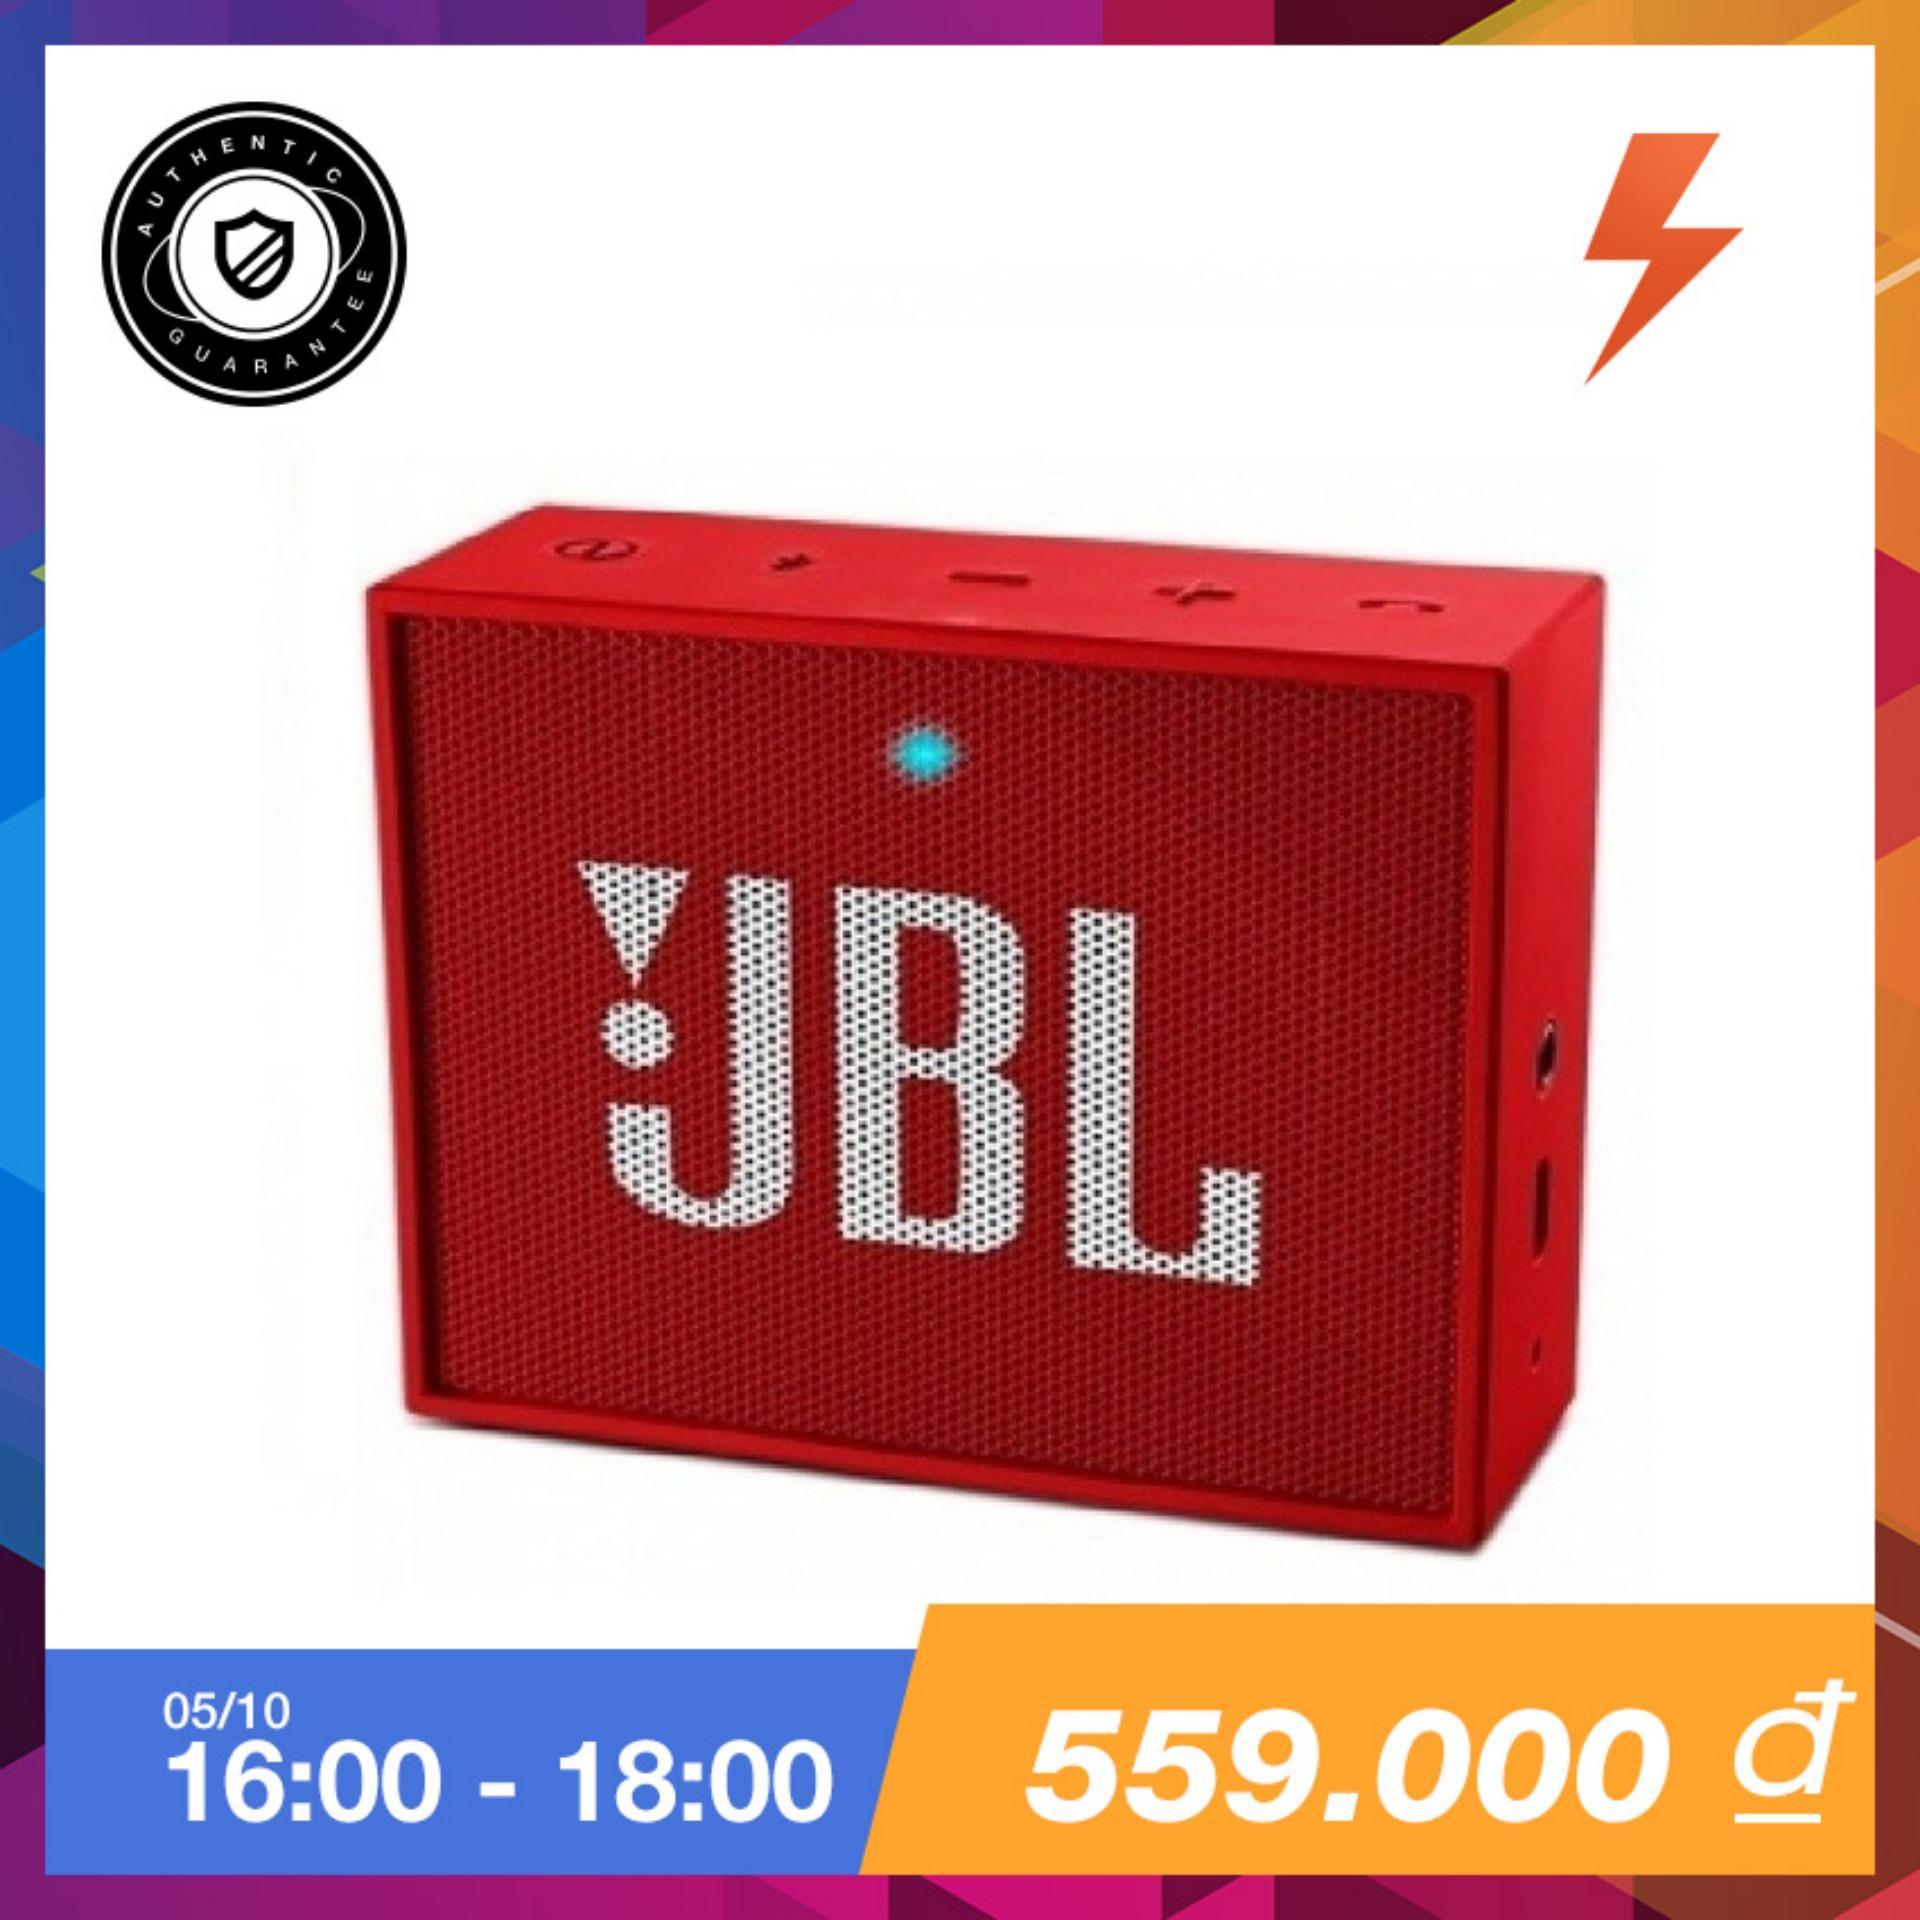 Bán Loa Di Động Bluetooth Jbl Go Đỏ Hang Phan Phối Chinh Thức Có Thương Hiệu